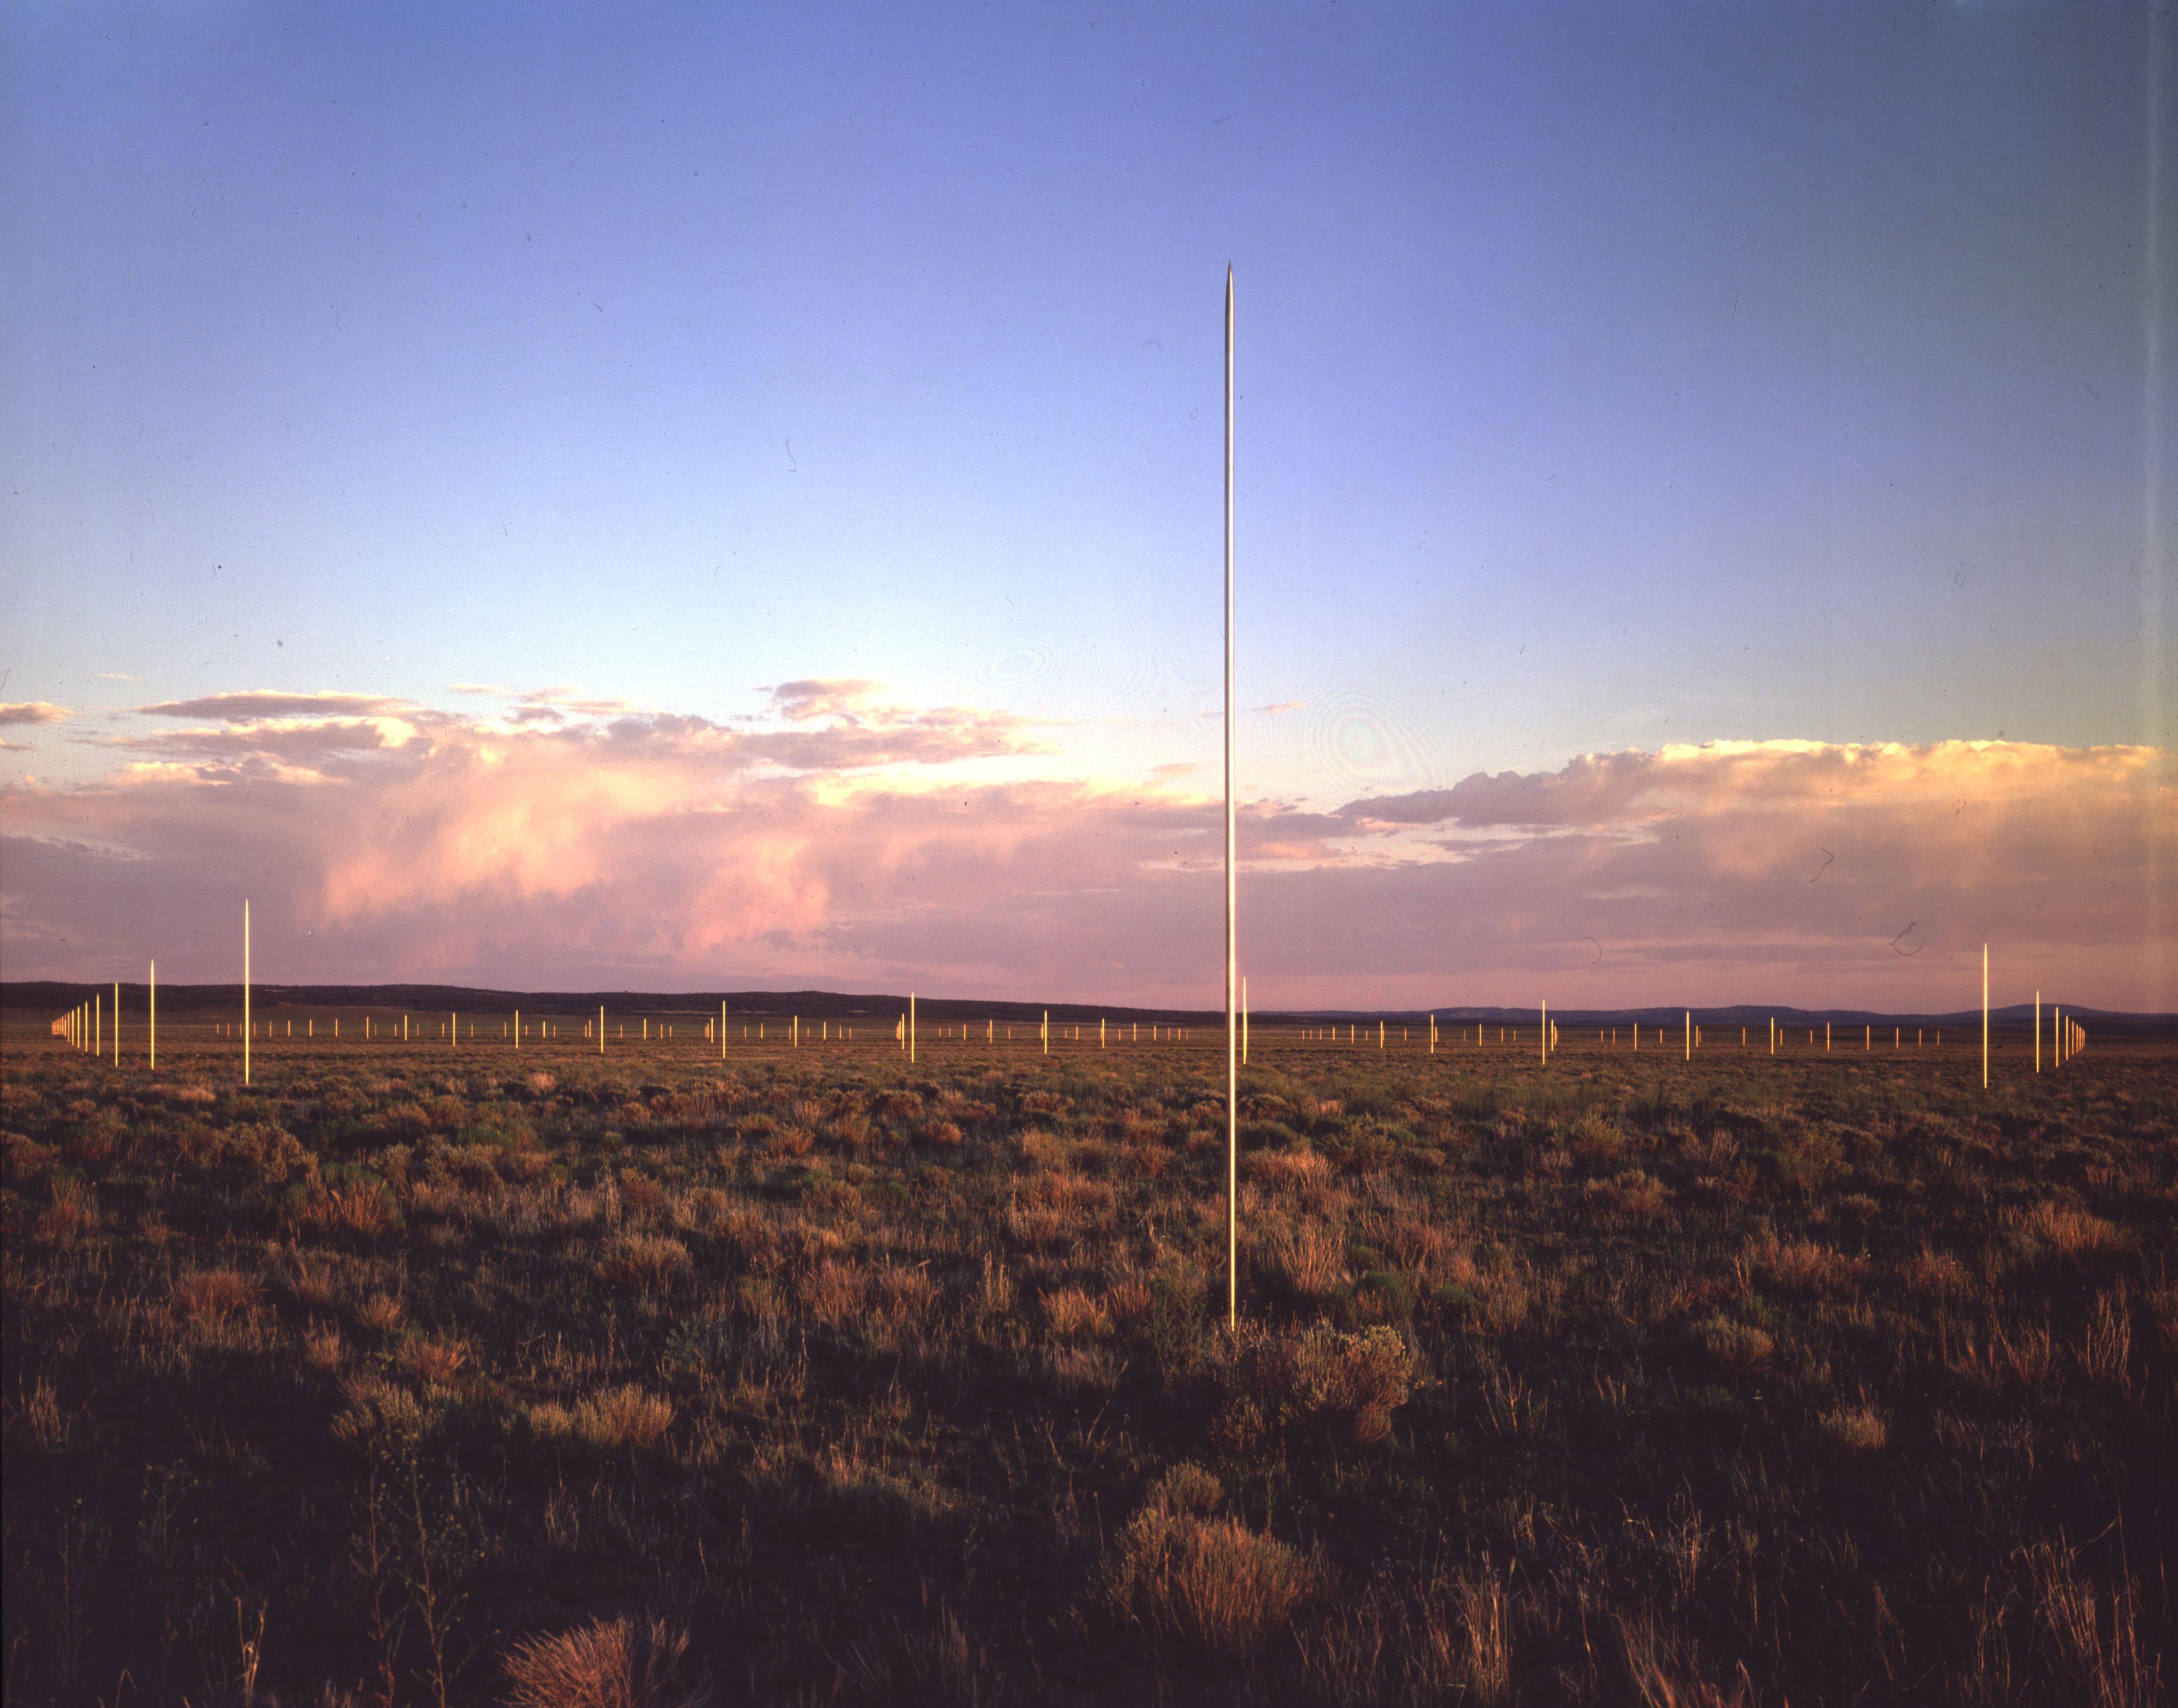 Instalación de los 400 postes de acero en el desierto de Nuevo Méjico.